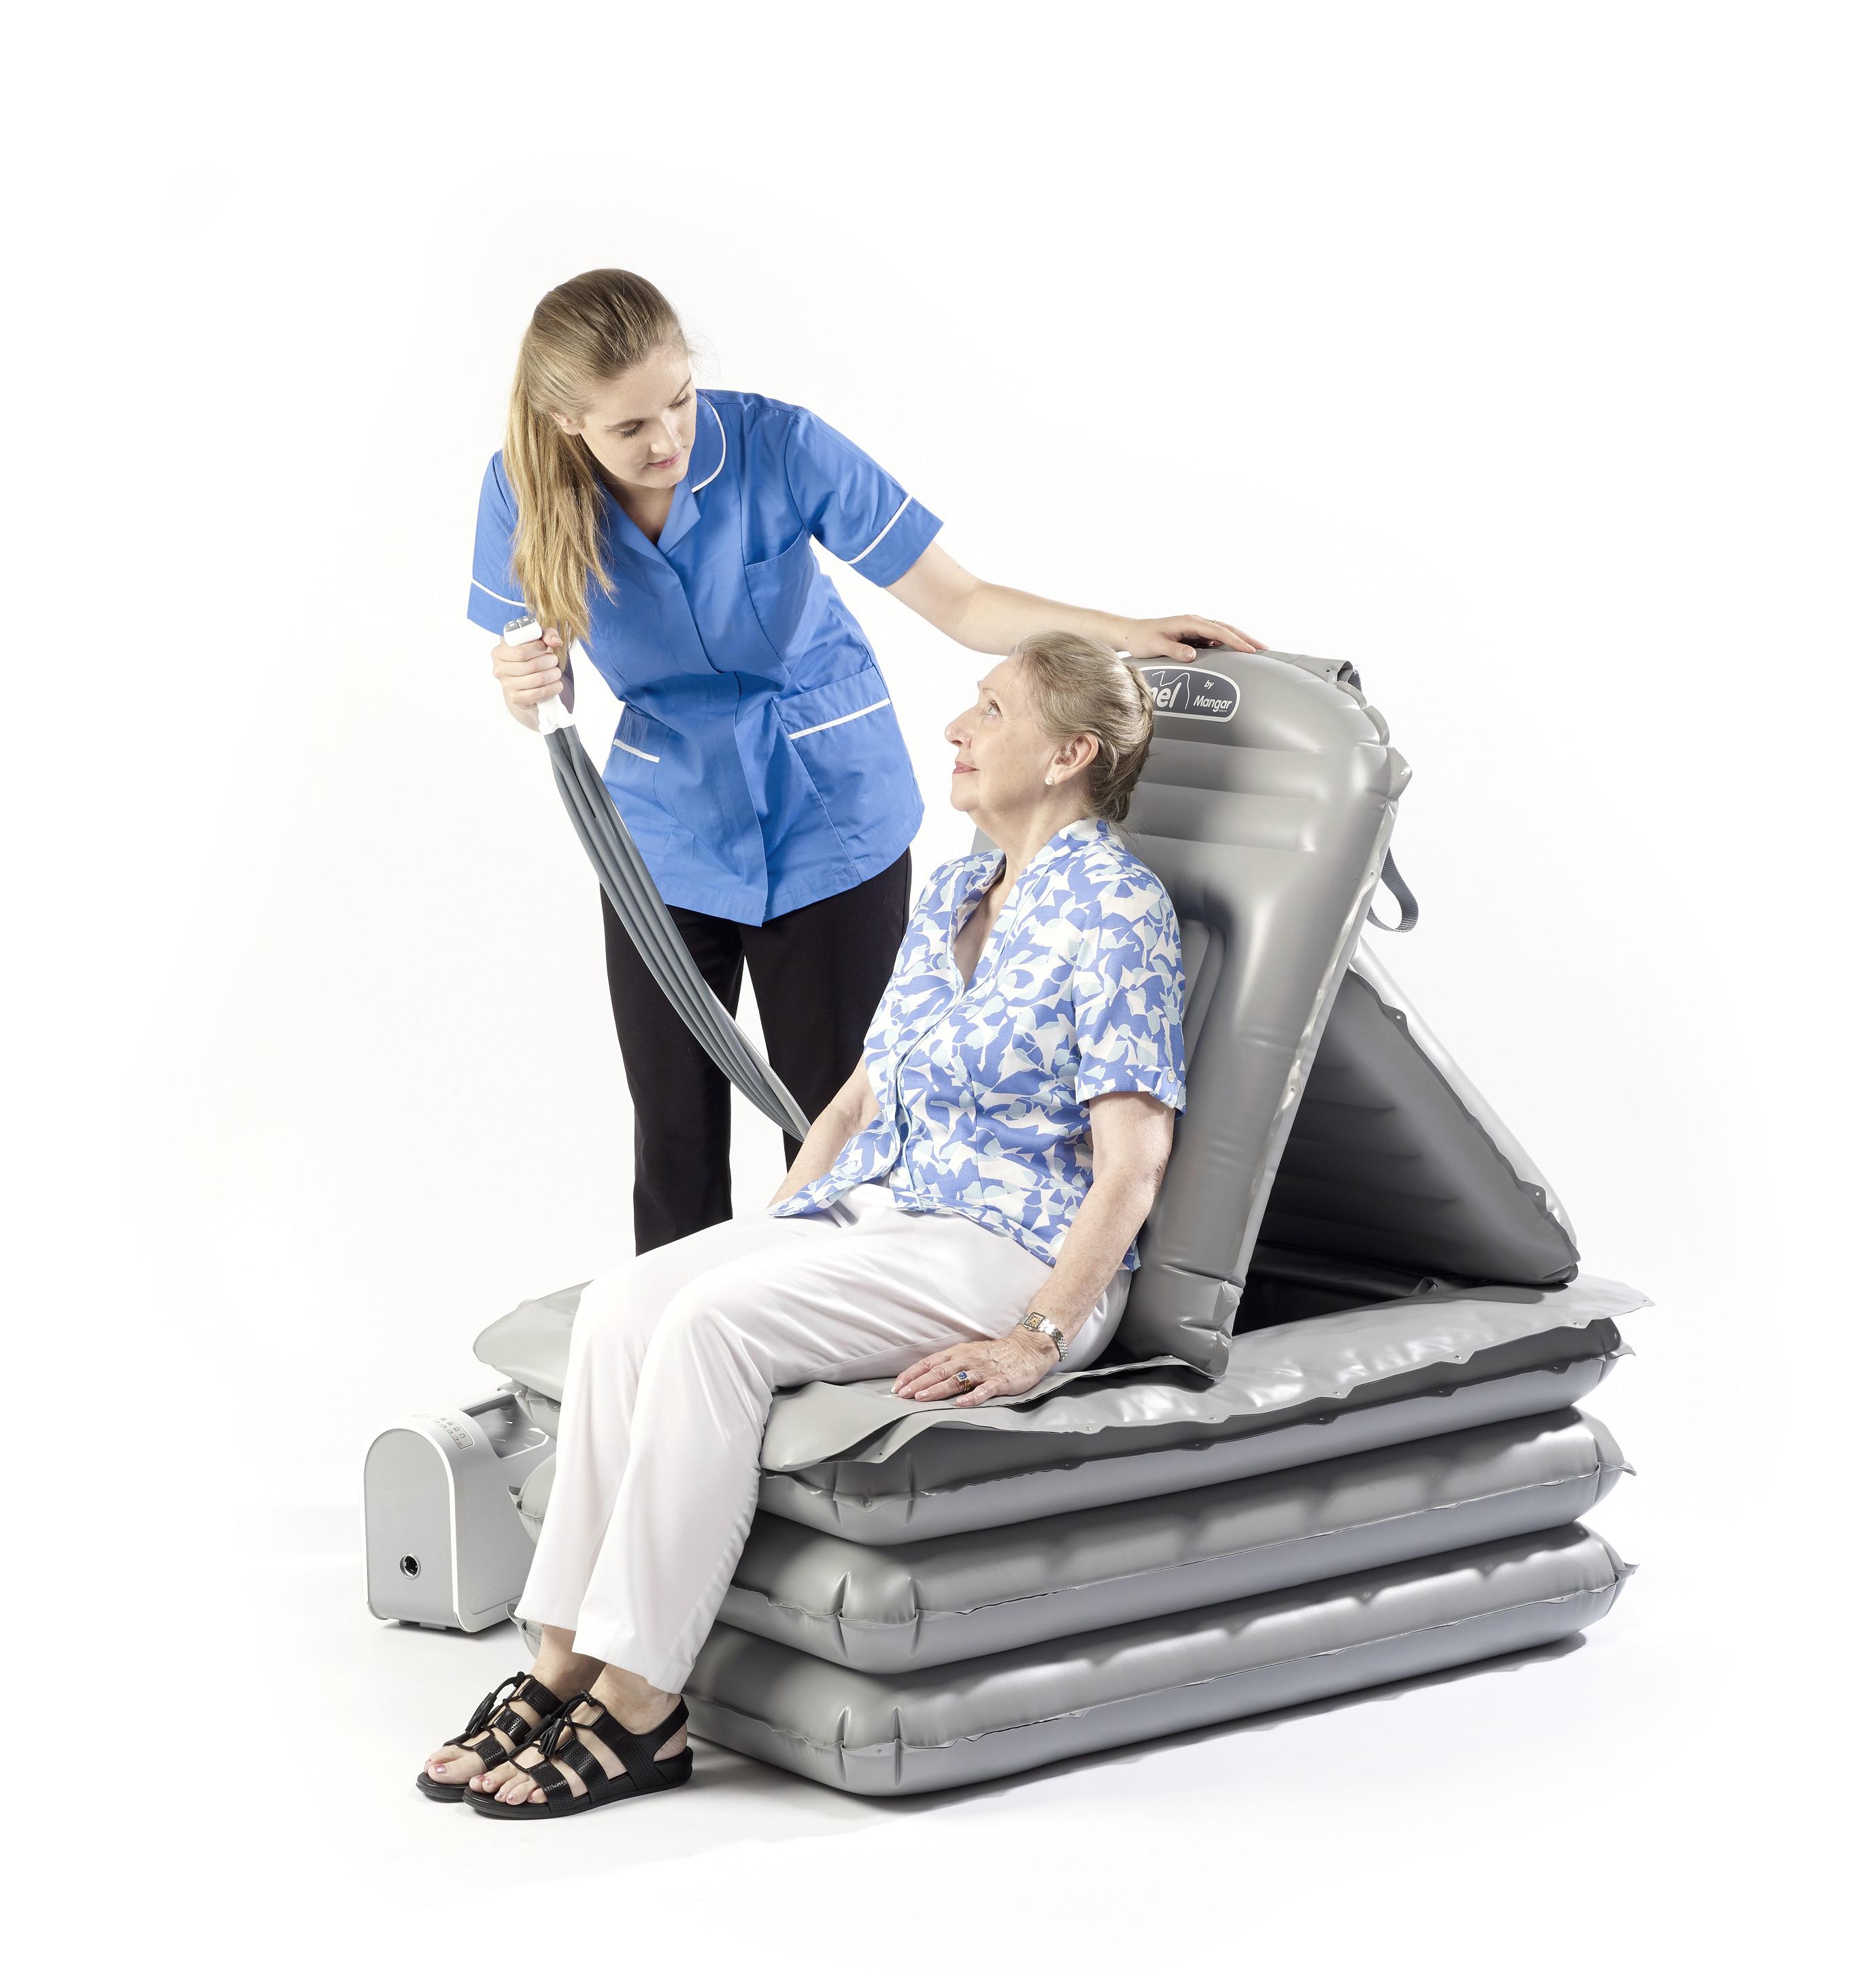 IDispositivi per sollevare e soccorrere anziani e disabili dopo cadute a terra